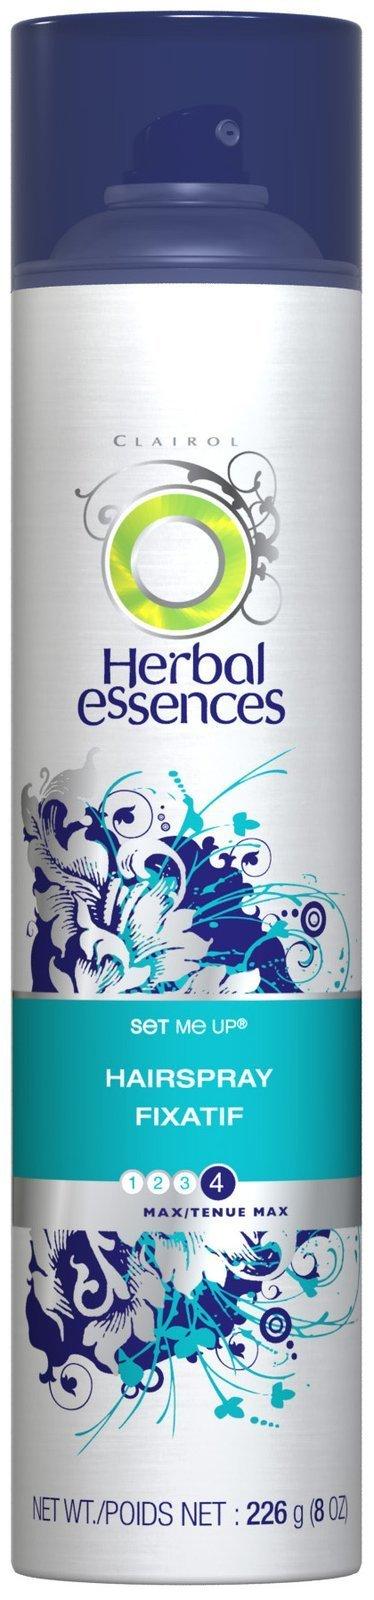 Herbal Essences Set Me Up Hairspray, 8 oz